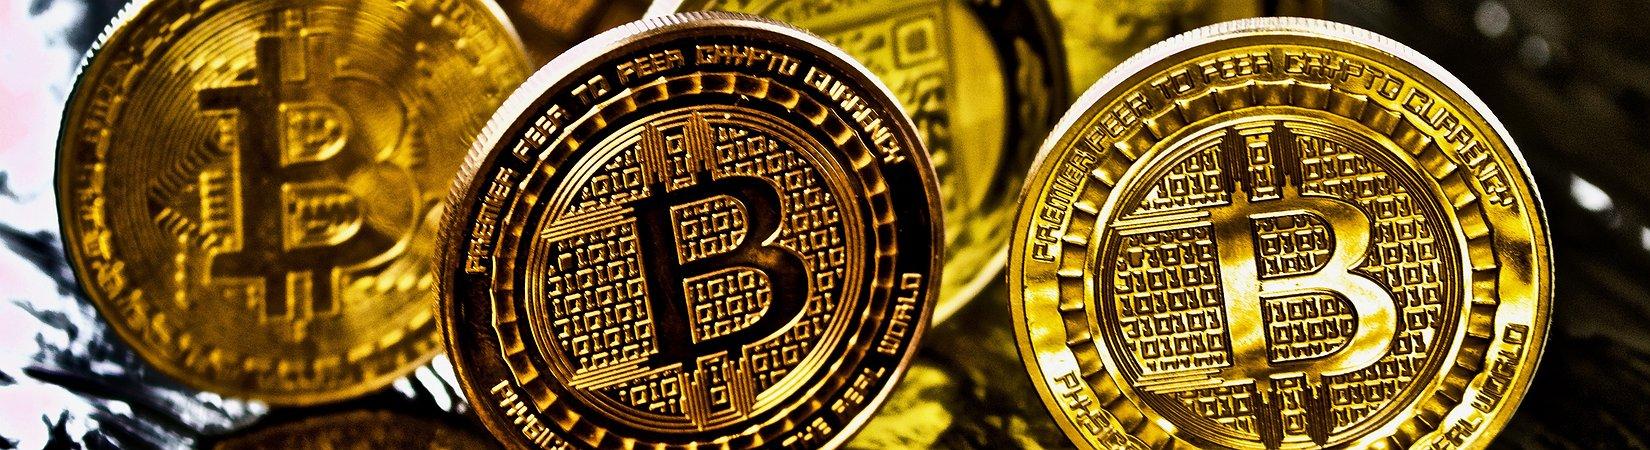 Bitcoin supera quota 2.500 $, 2.600 $ e 2.700 $